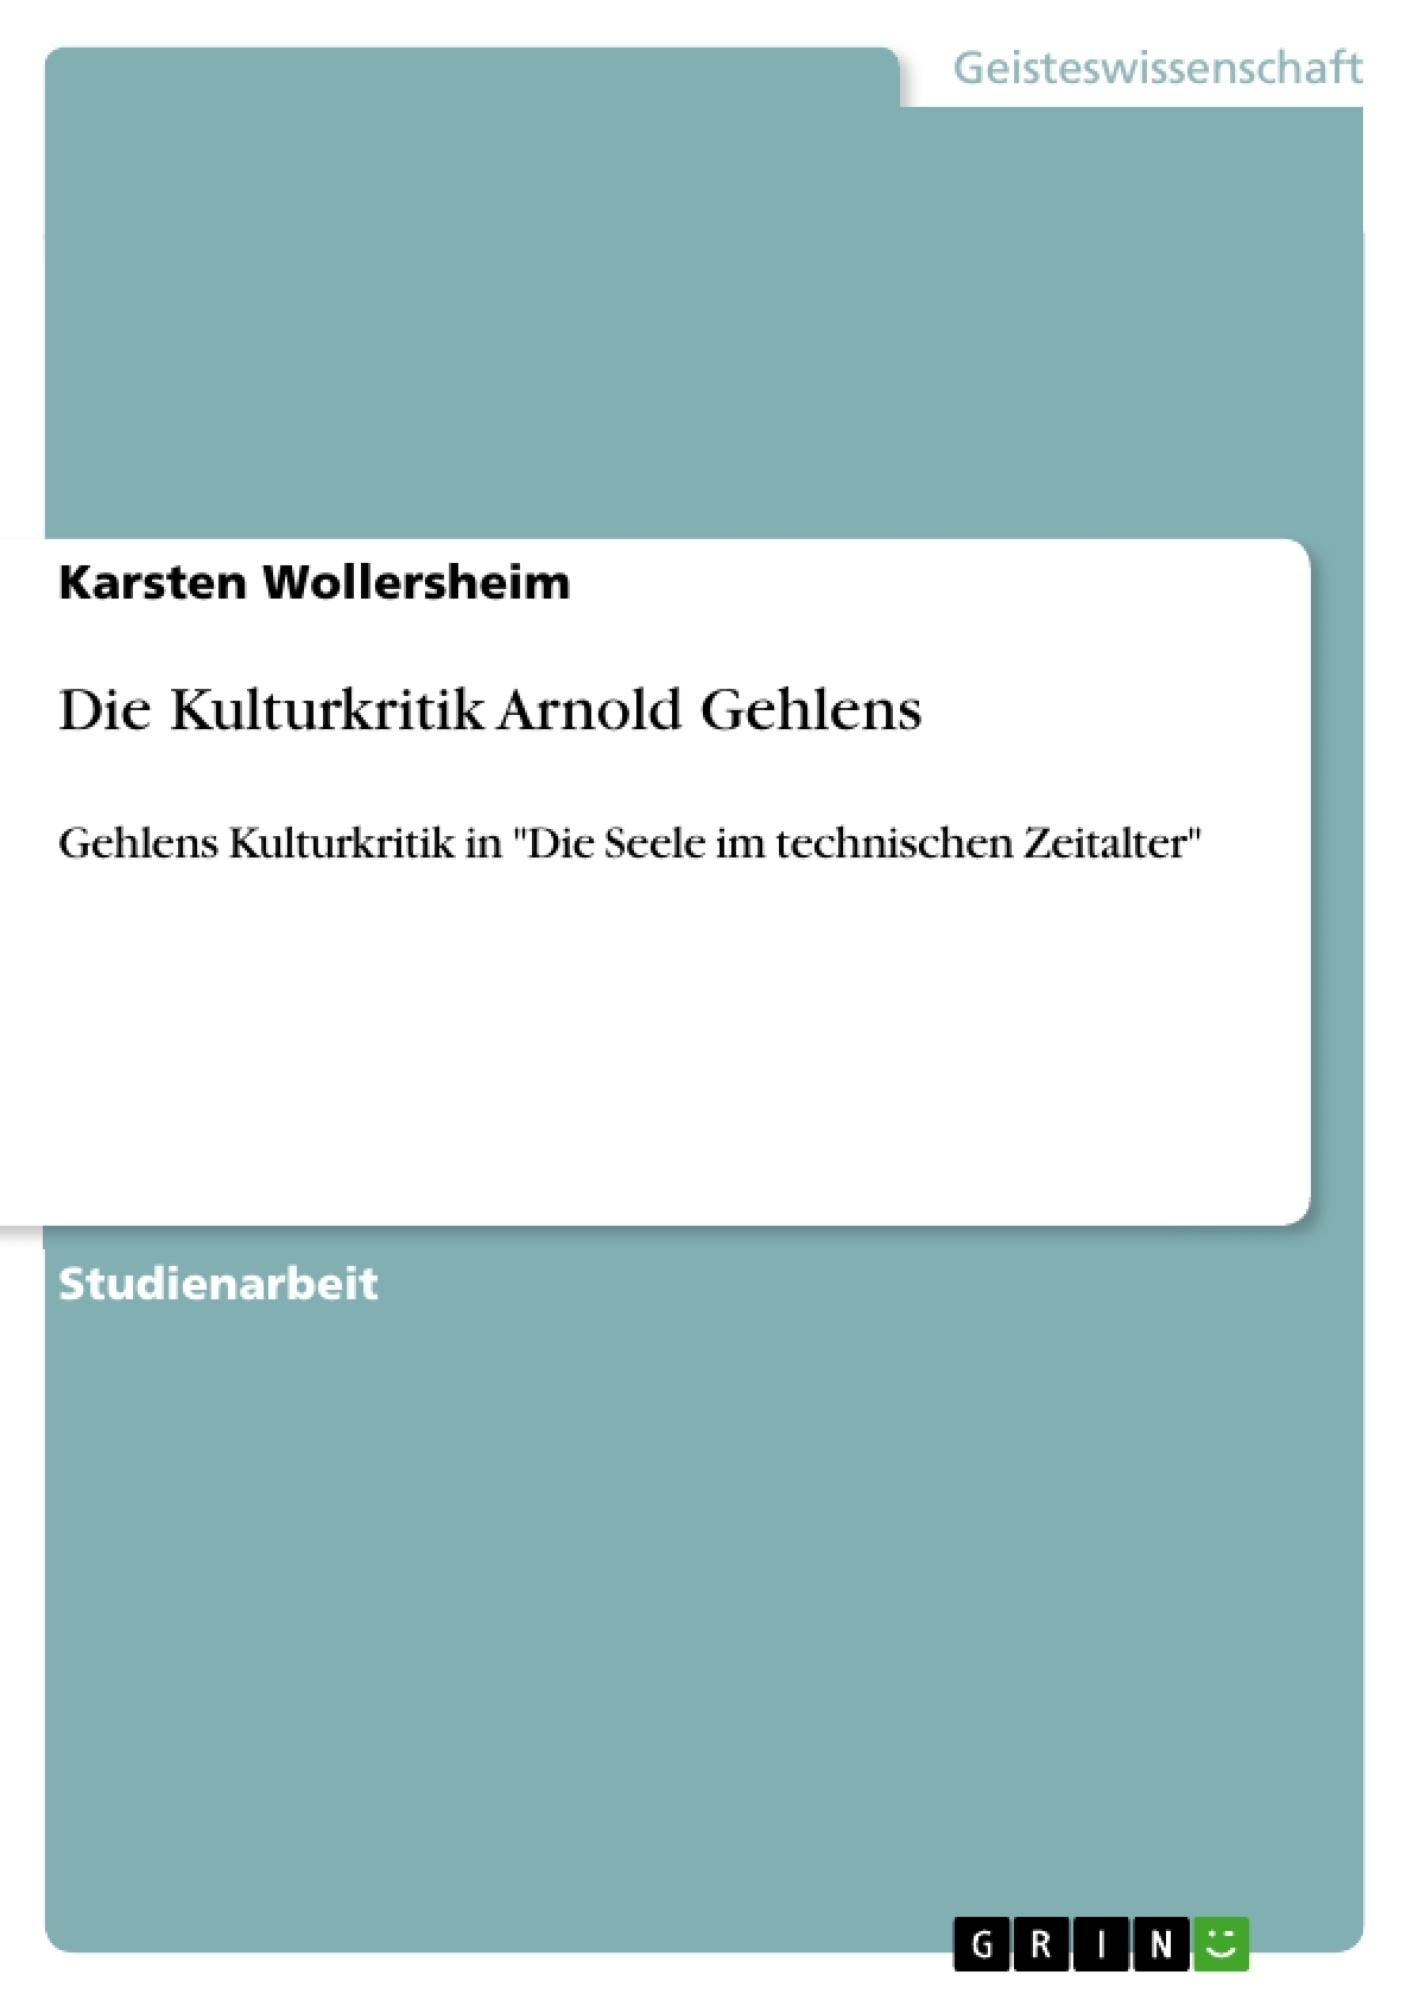 Titel: Die Kulturkritik Arnold Gehlens